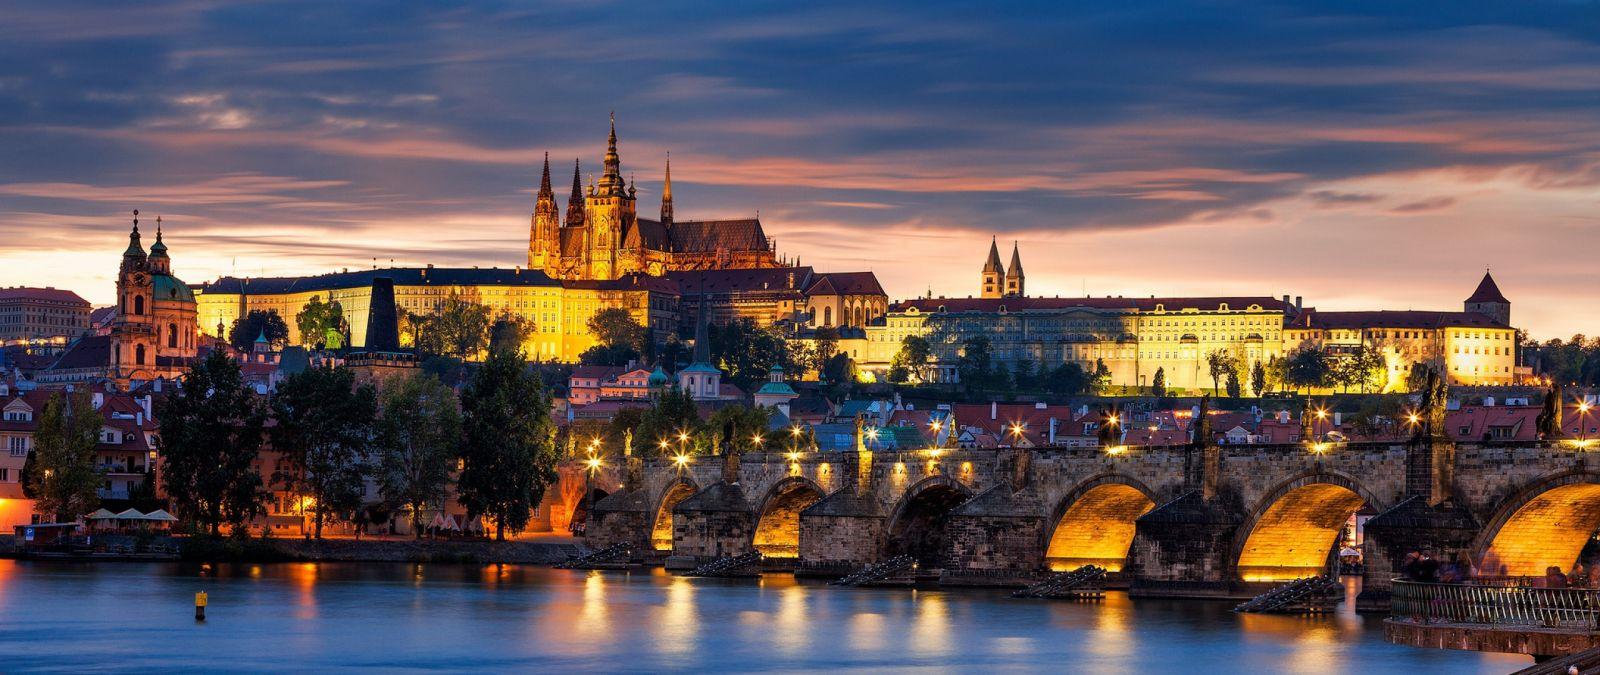 معرفی جمهوری چک | قیمت تور جمهوری چک